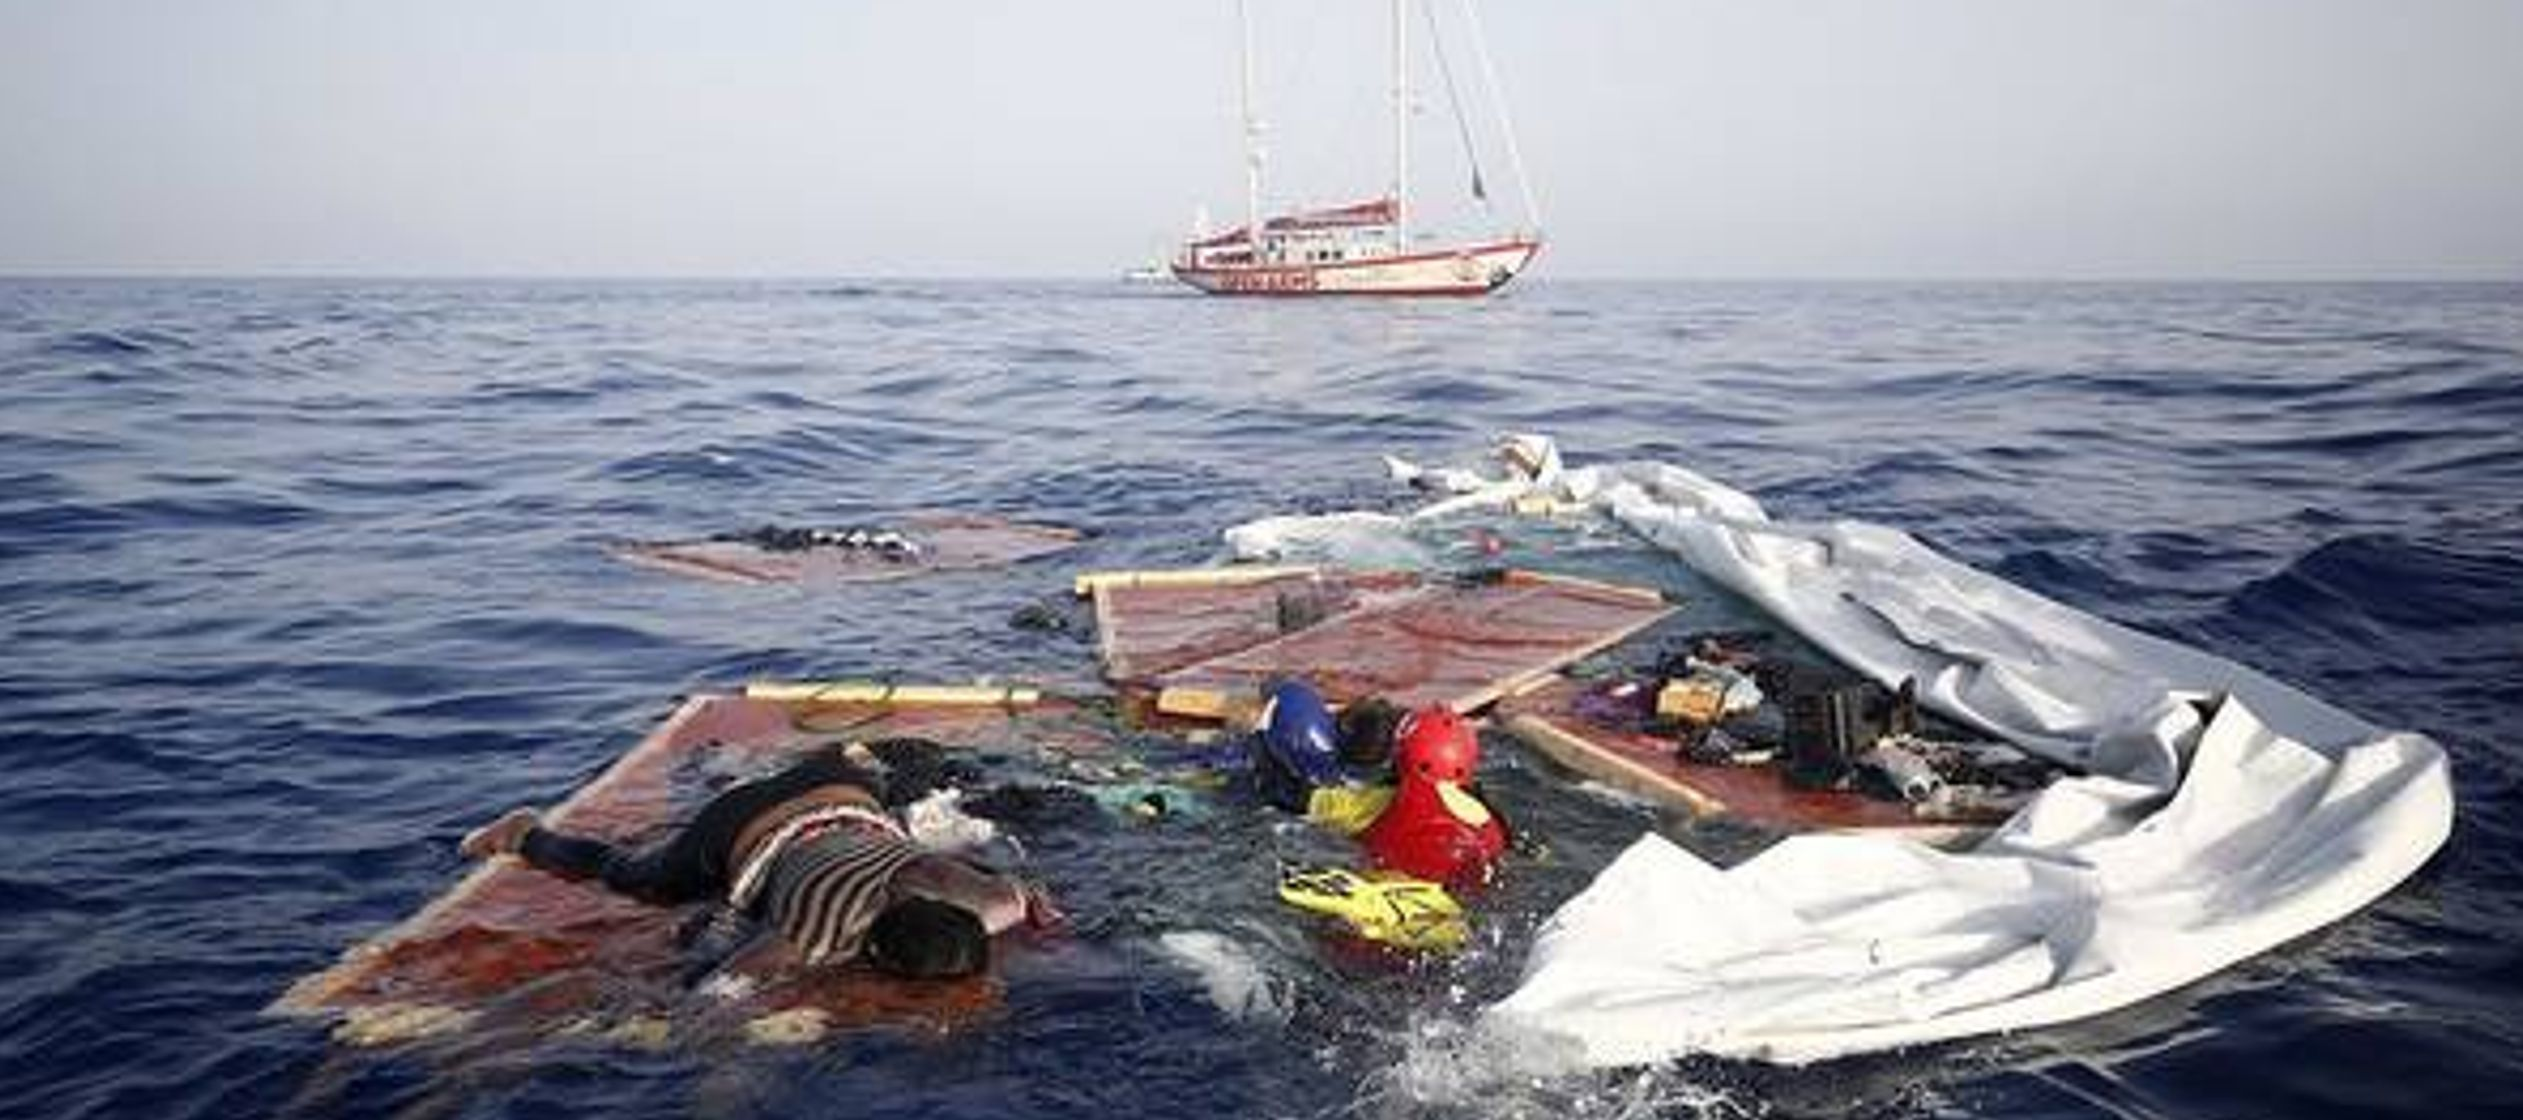 Al menos 19 cuerpos fueron recuperados en el mar, mientras que entrada la noche las operaciones de...